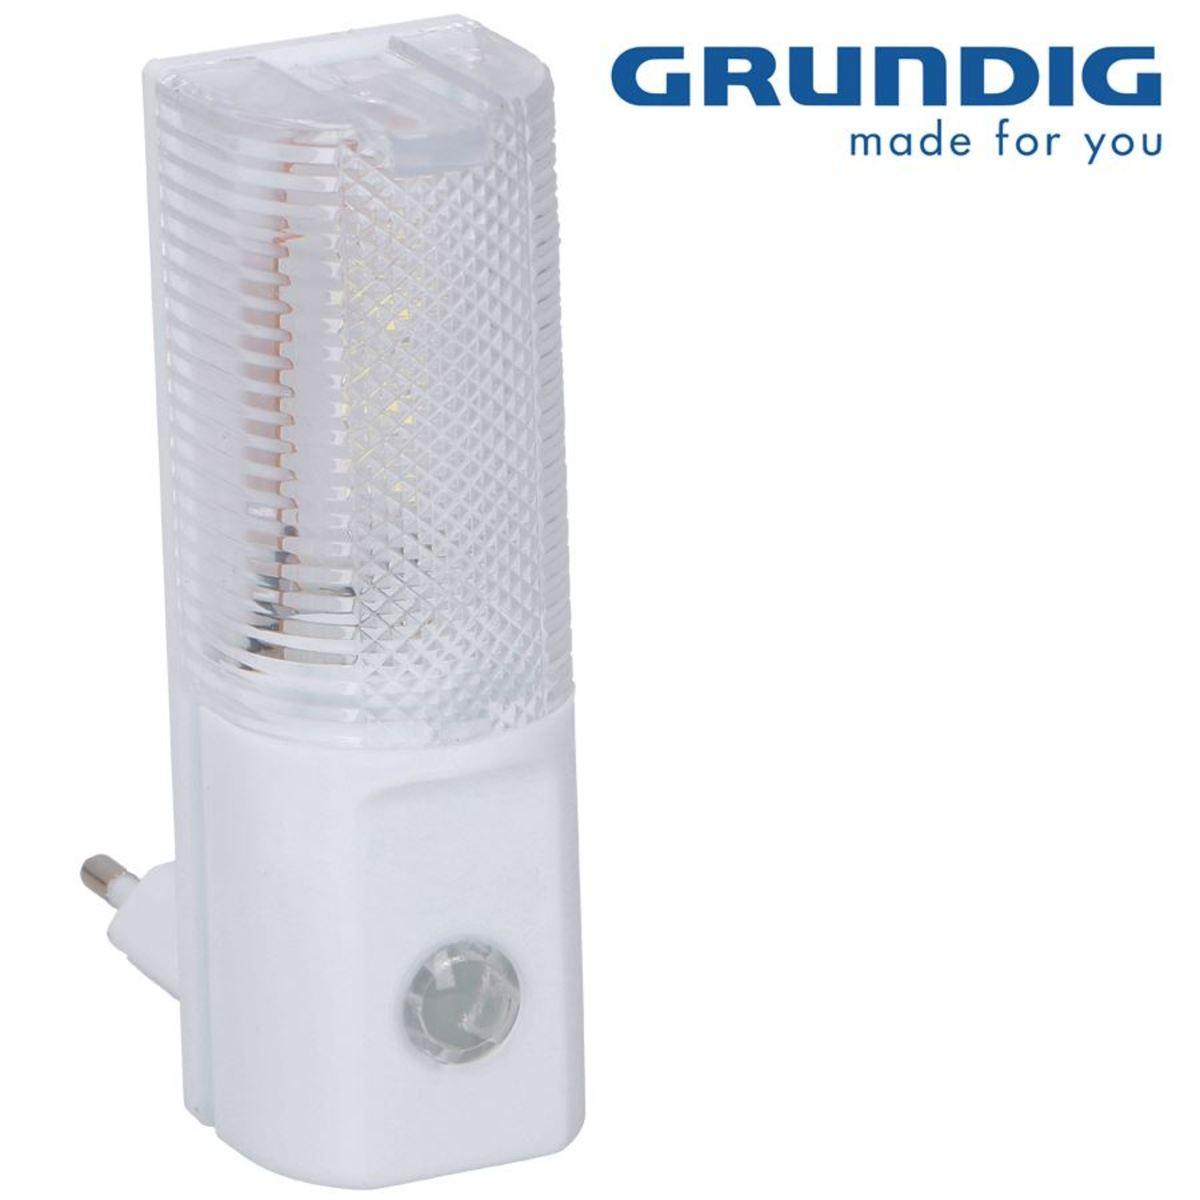 Bild 1 von Grundig LED-Nachtlichter Warmweiß 3er-Set